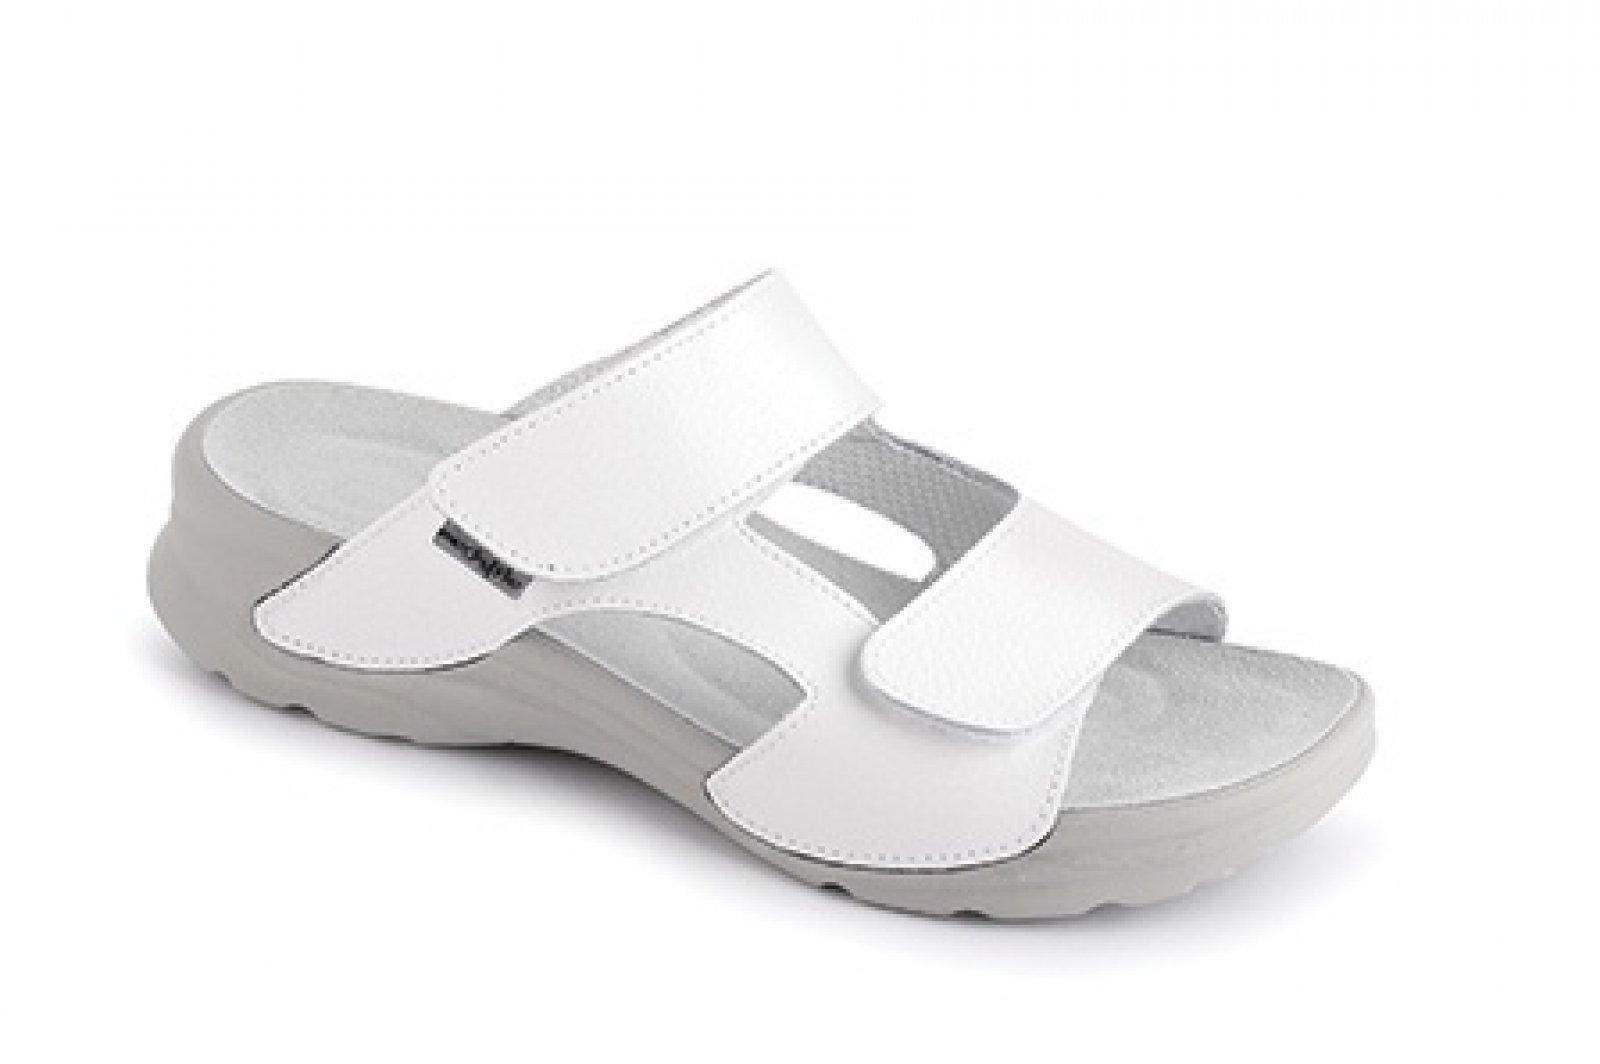 940cbbcd408e dámské pantofle Medistyle Mirka bílé - KARS